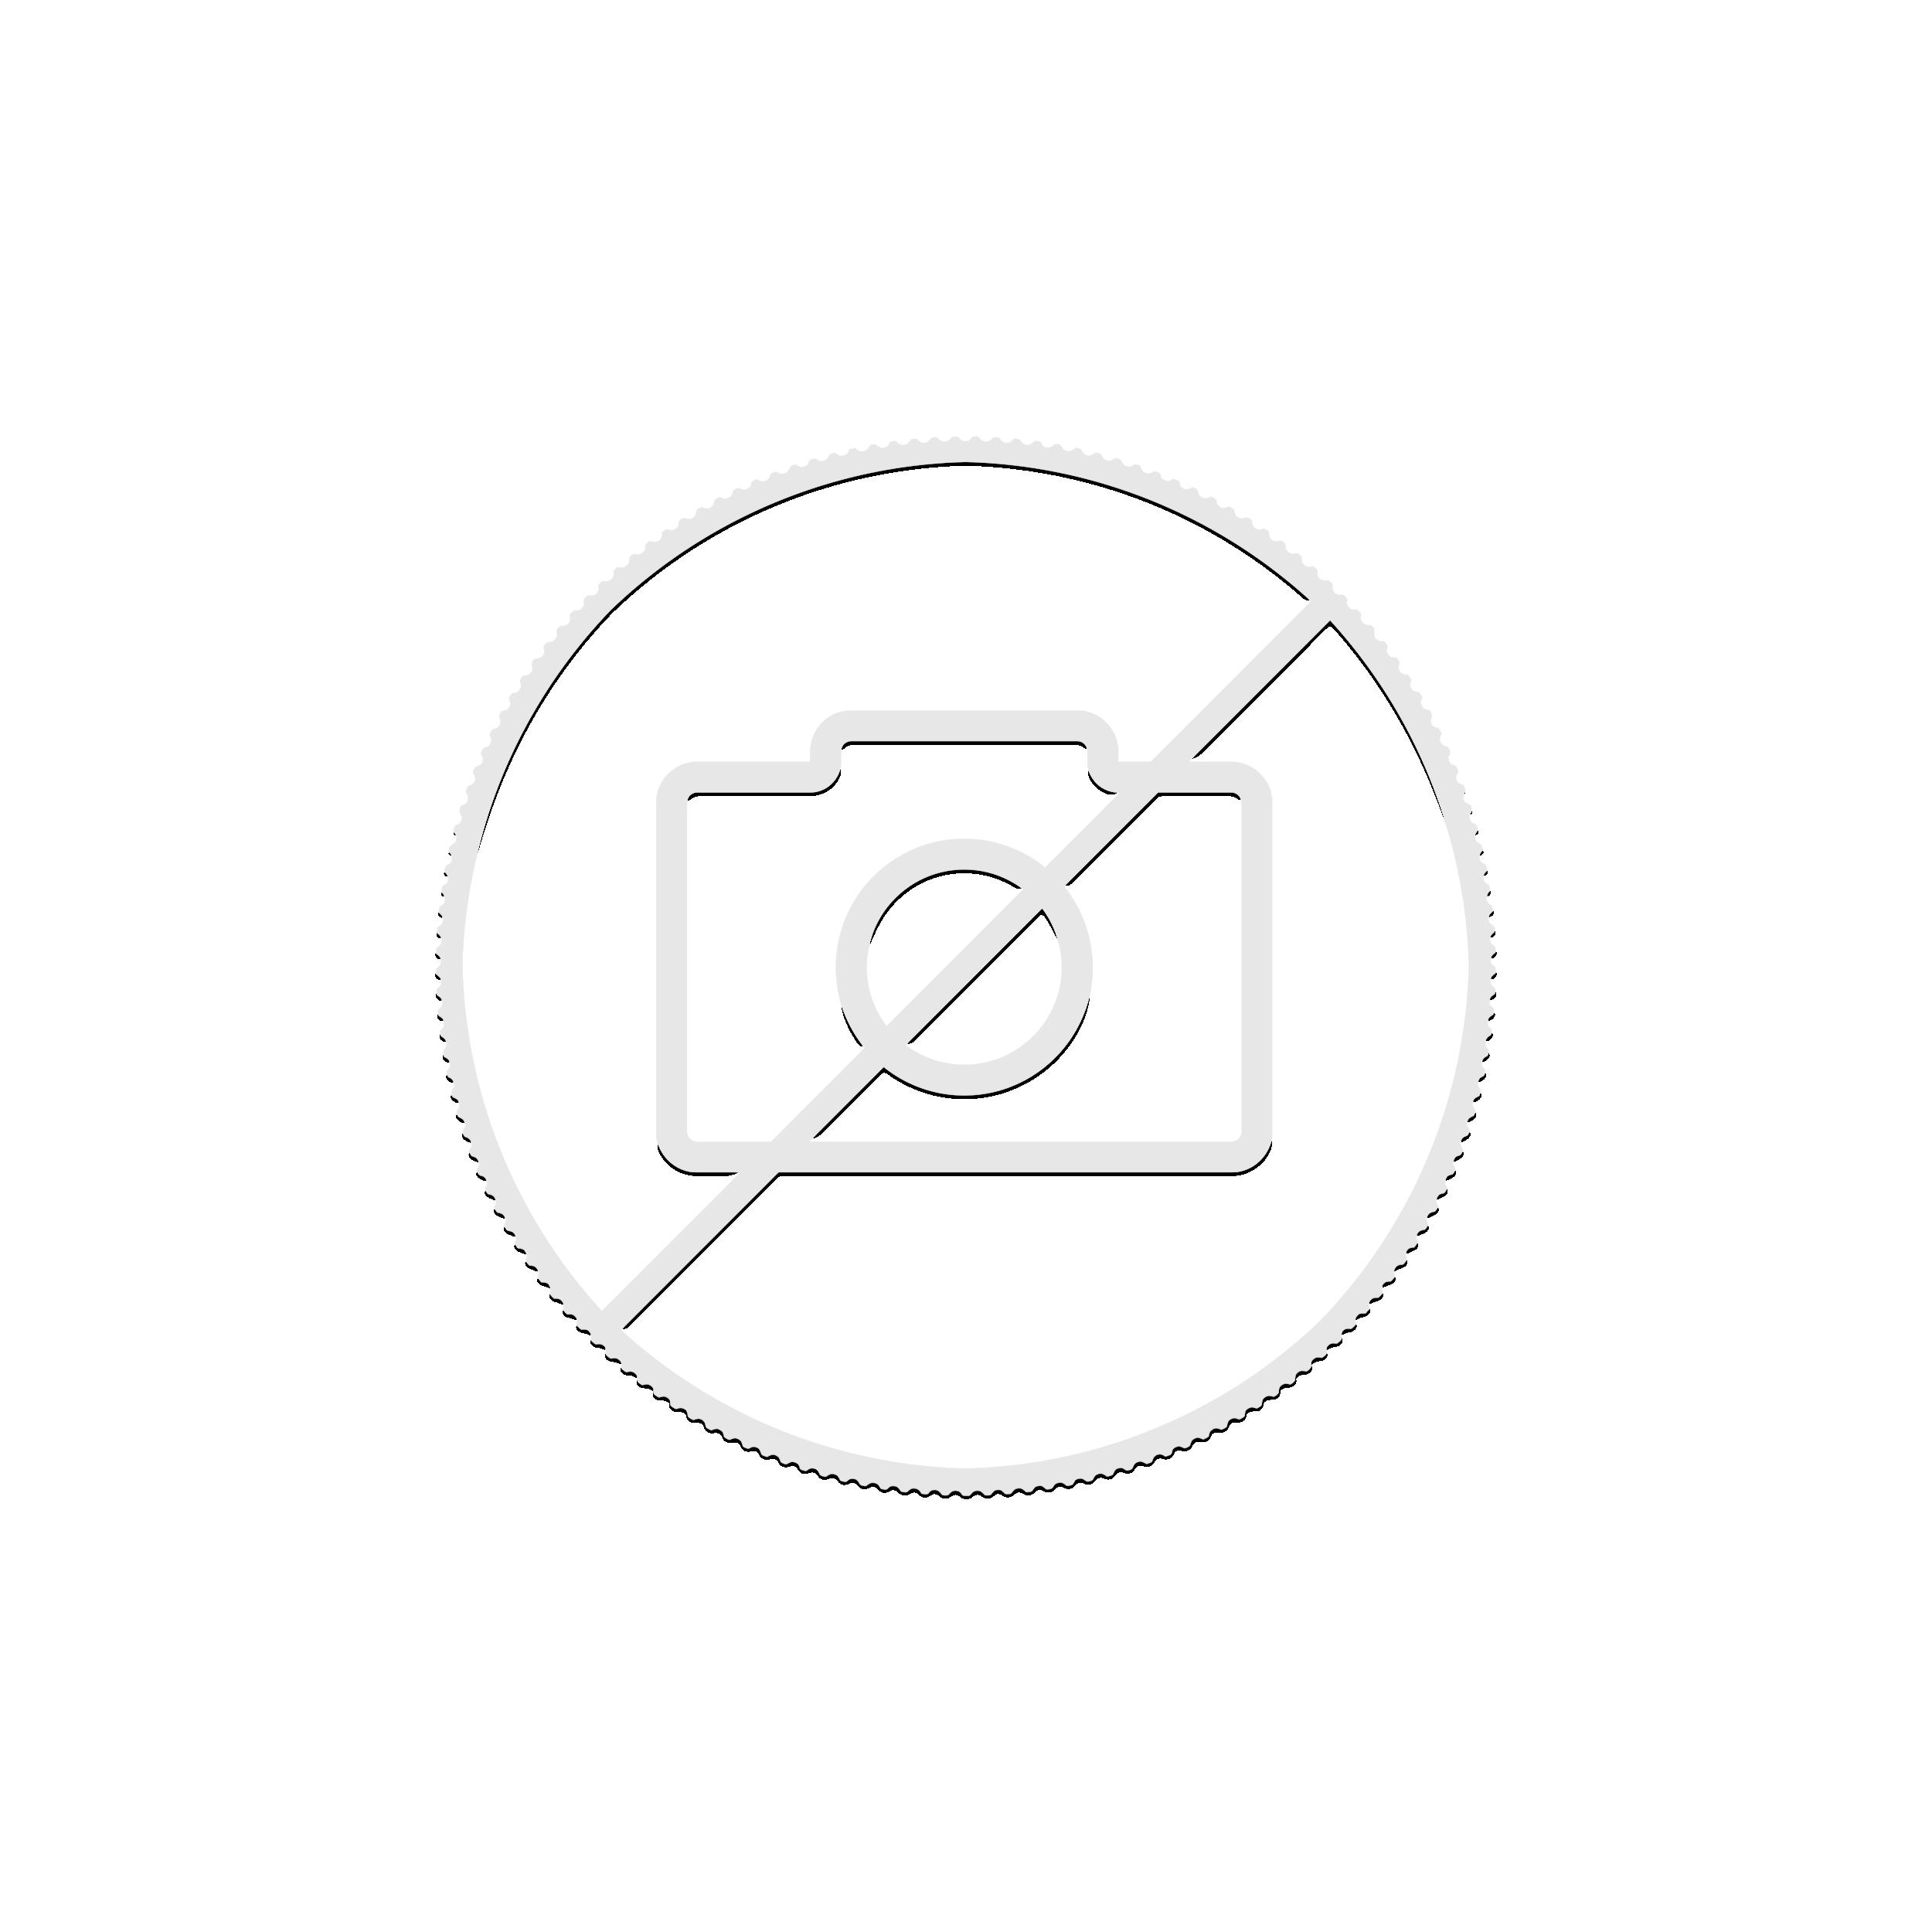 Gouden 1/10 troy ounce Wiener Philharmoniker munt 2020